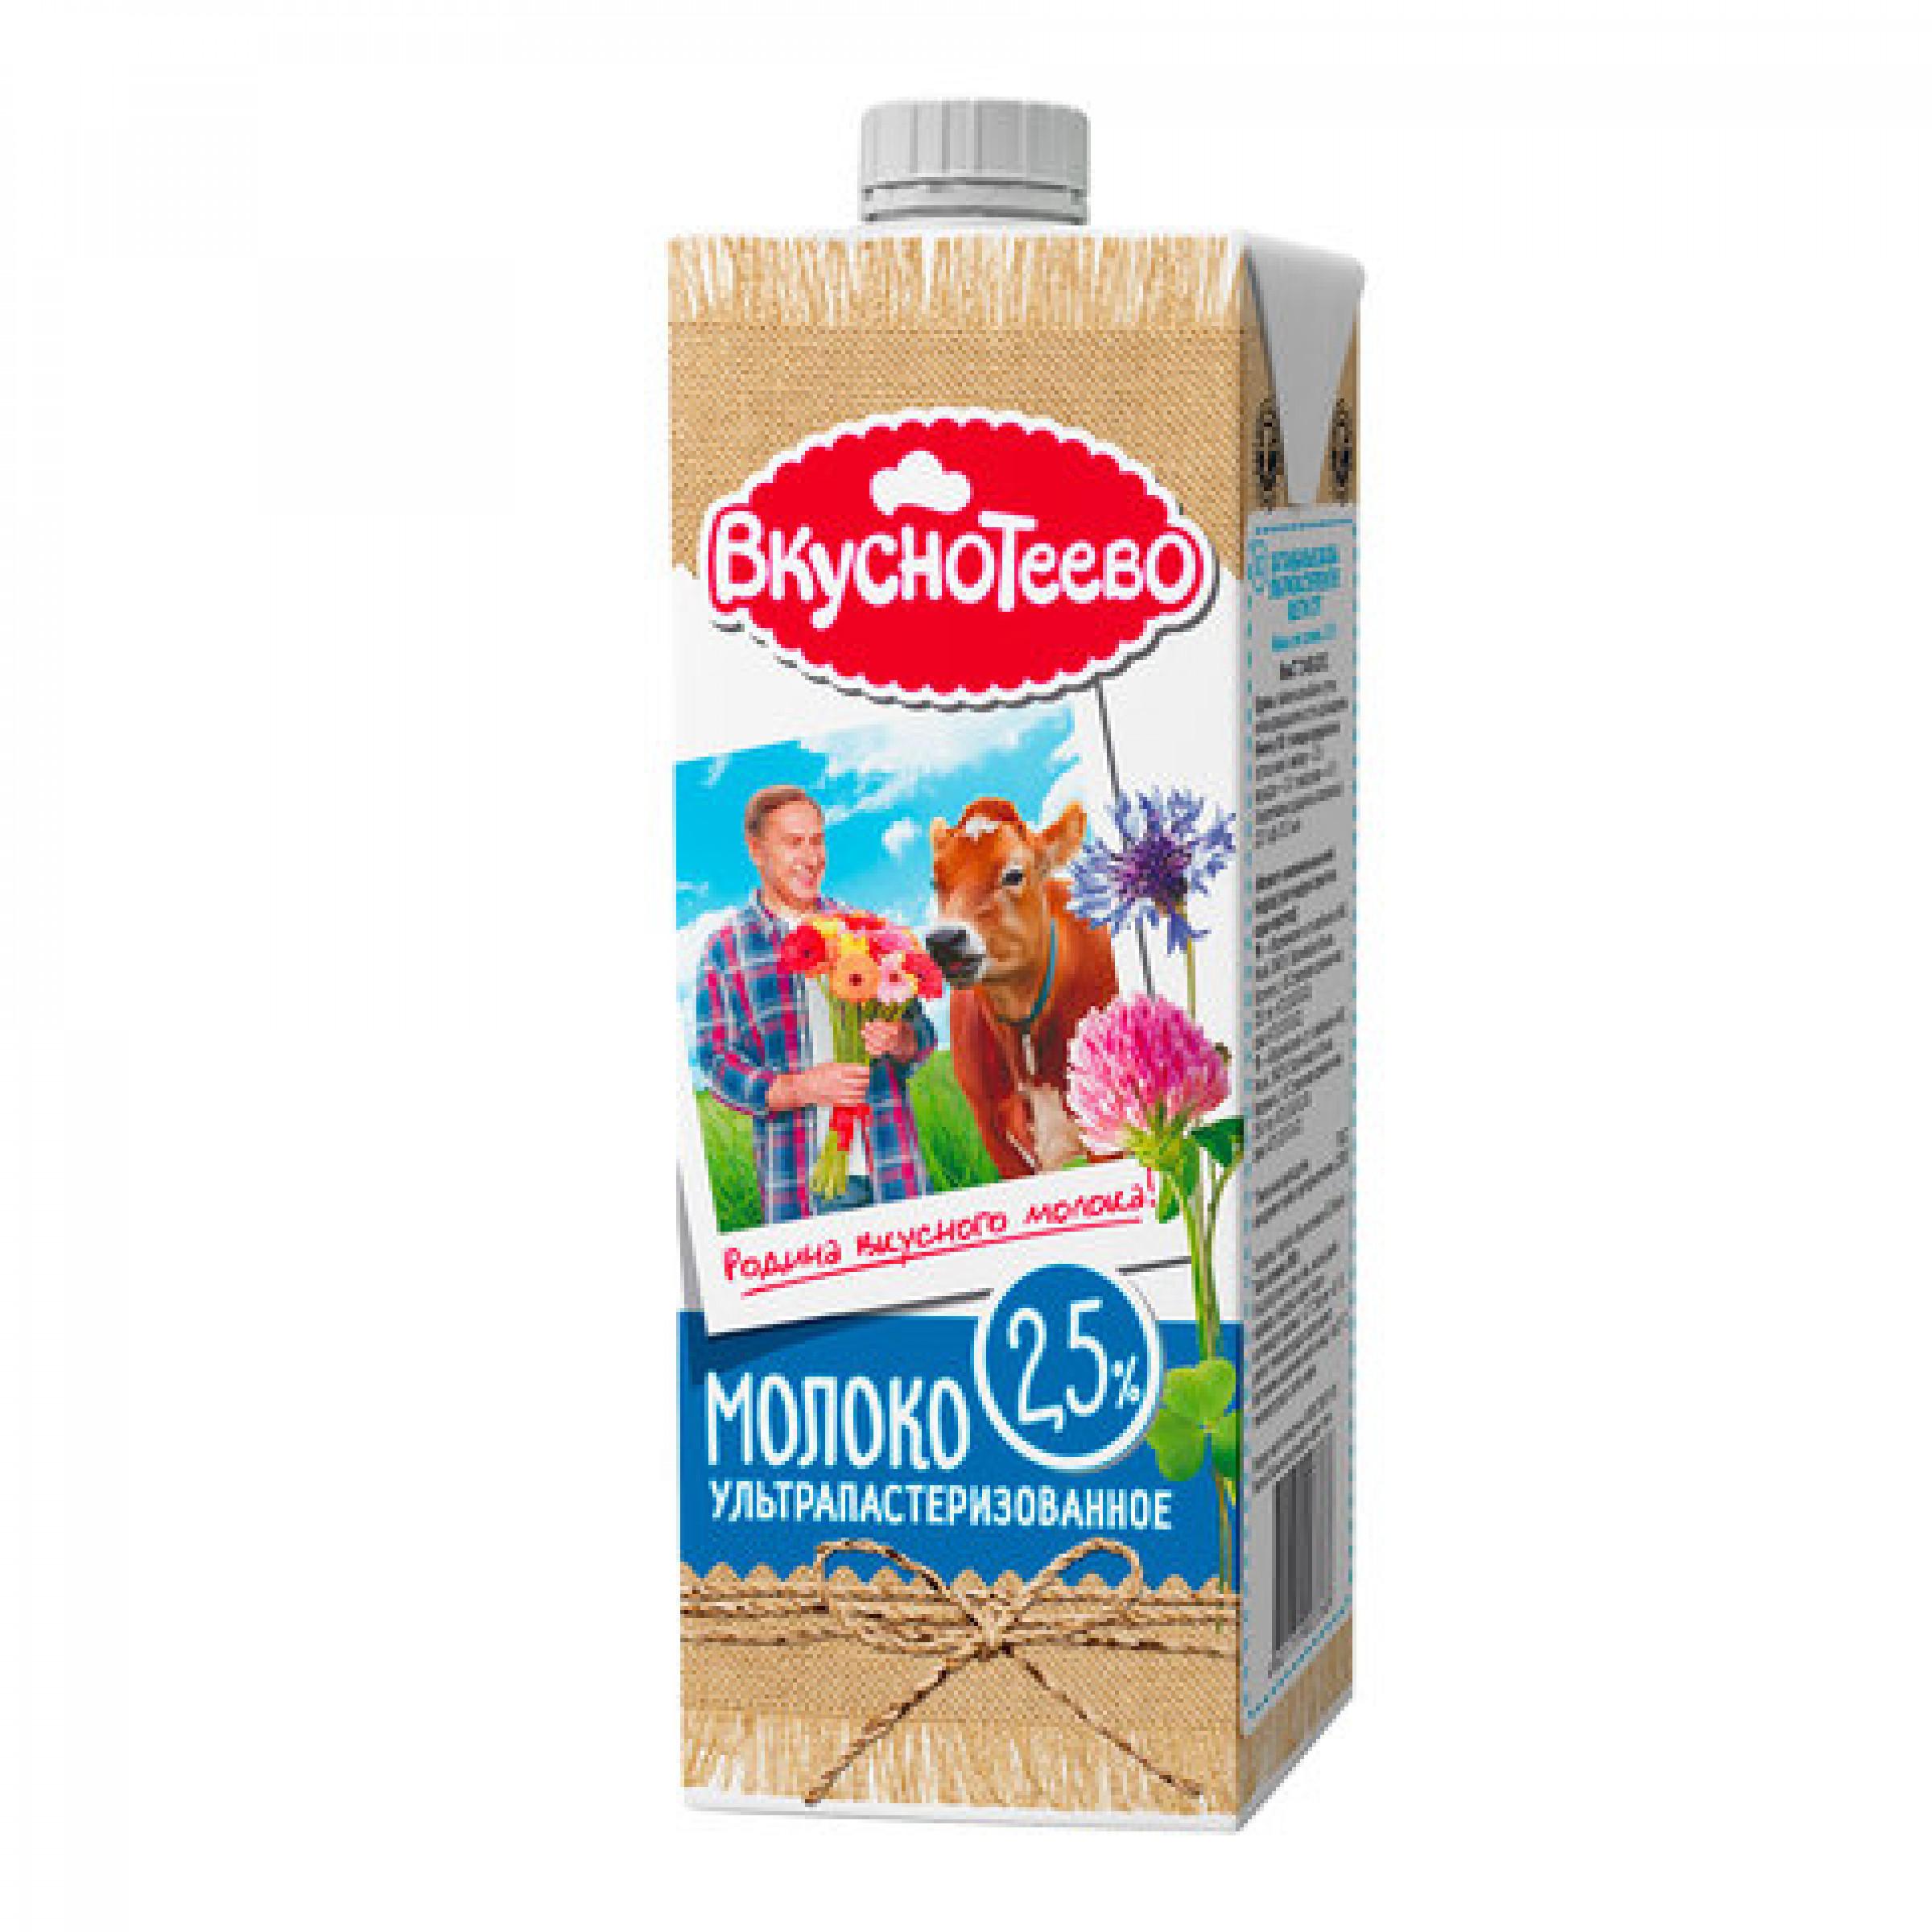 Молоко ультрапастеризованное Вкуснотеево 2, 5%, 950 гр.